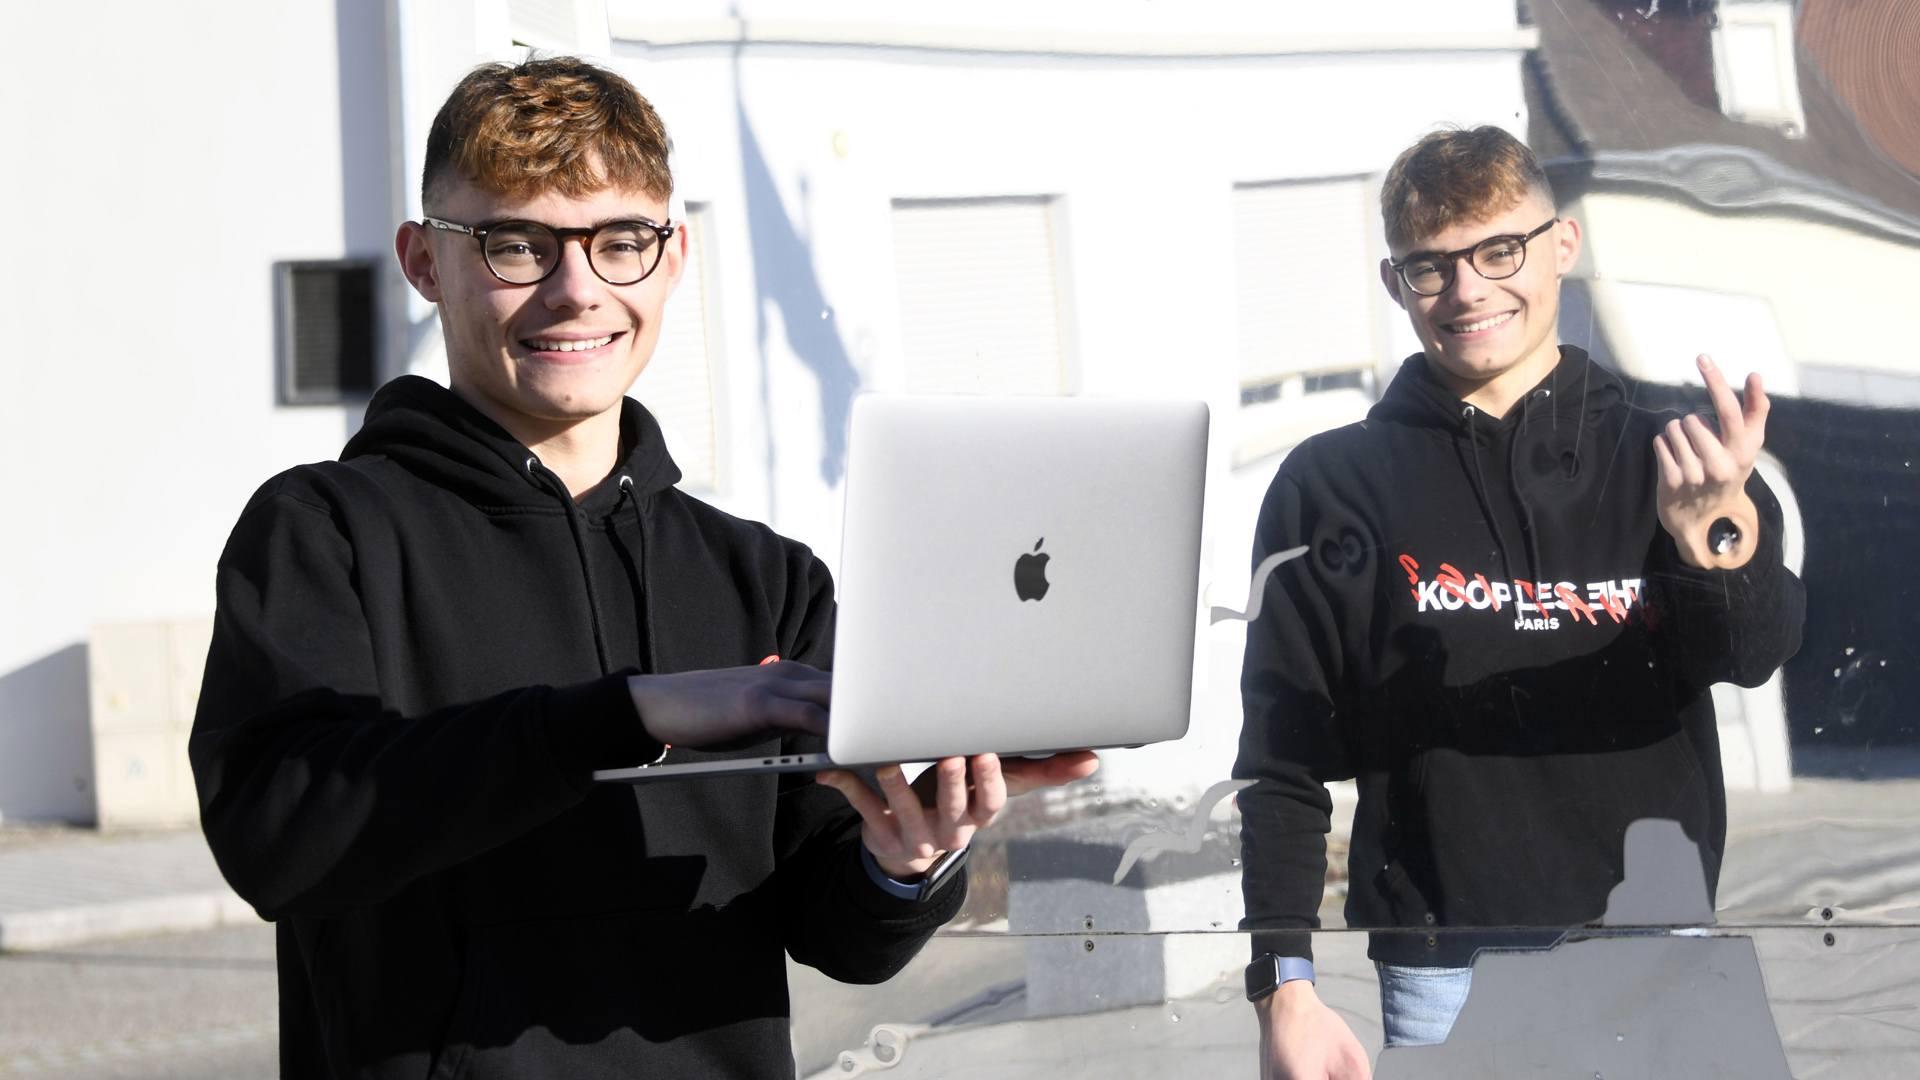 ProxHelper création de sites web made in Illzach : Antonin Schirck étudiant et entrepreneur